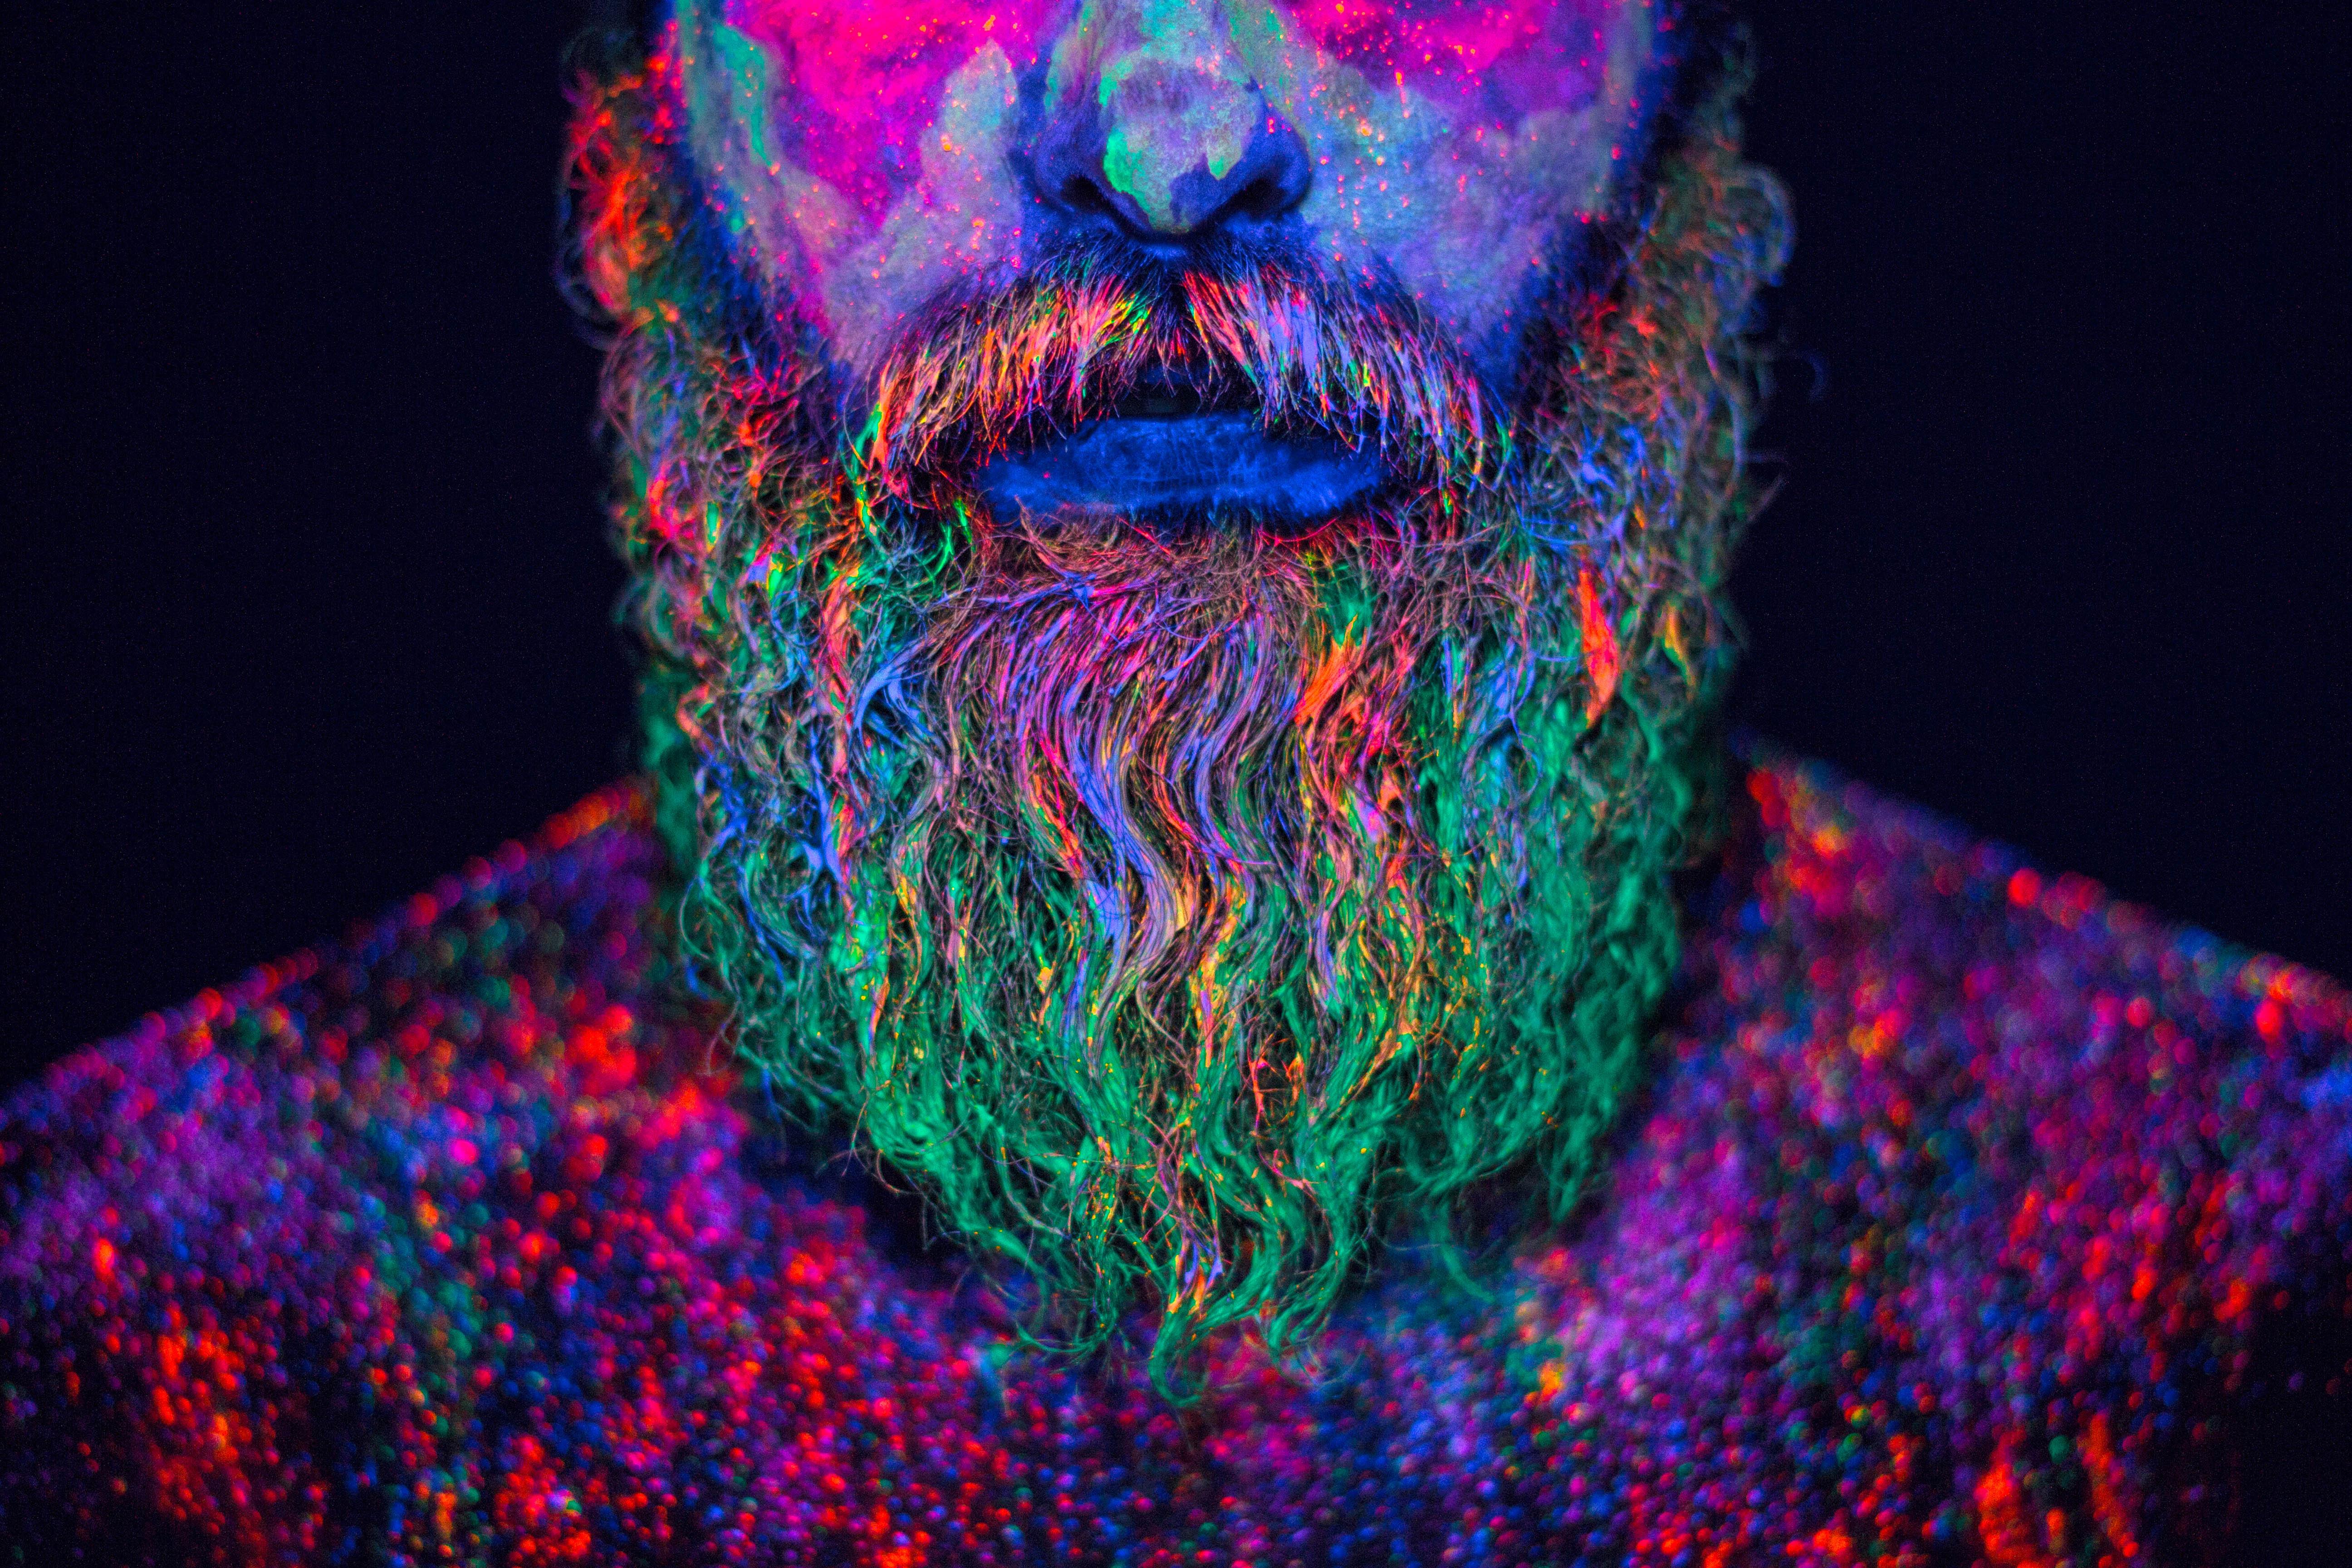 Hid Saib mostra trabalho de fotografia com maquiagem neon